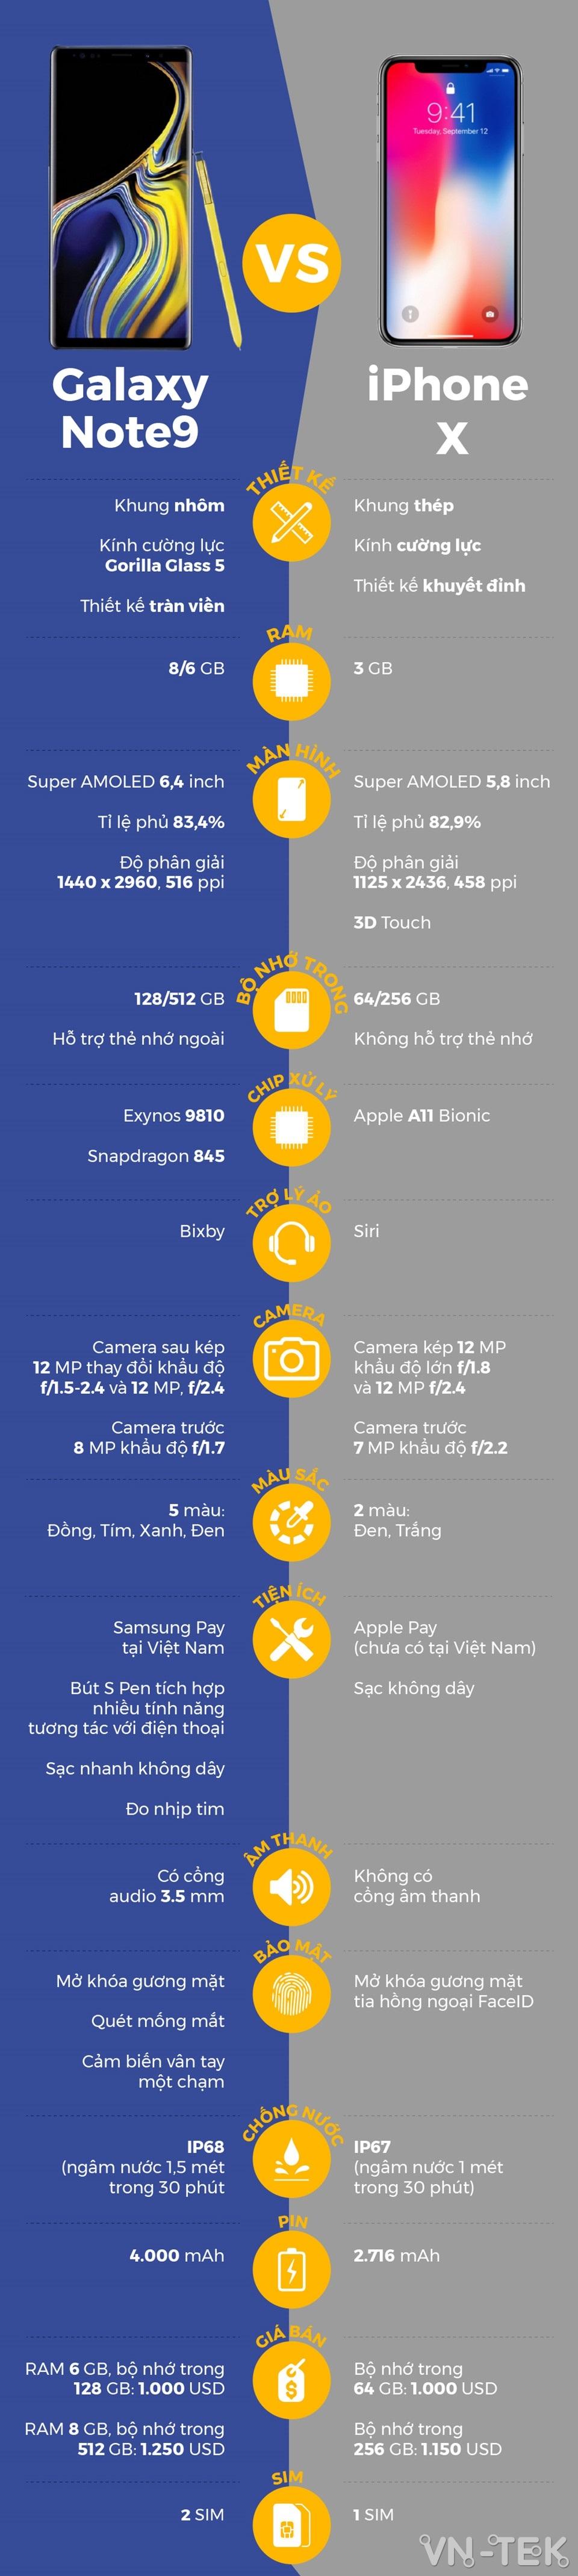 note 9 vs iphone x - iPhone X đọ thông số với Galaxy Note9 vừa ra mắt